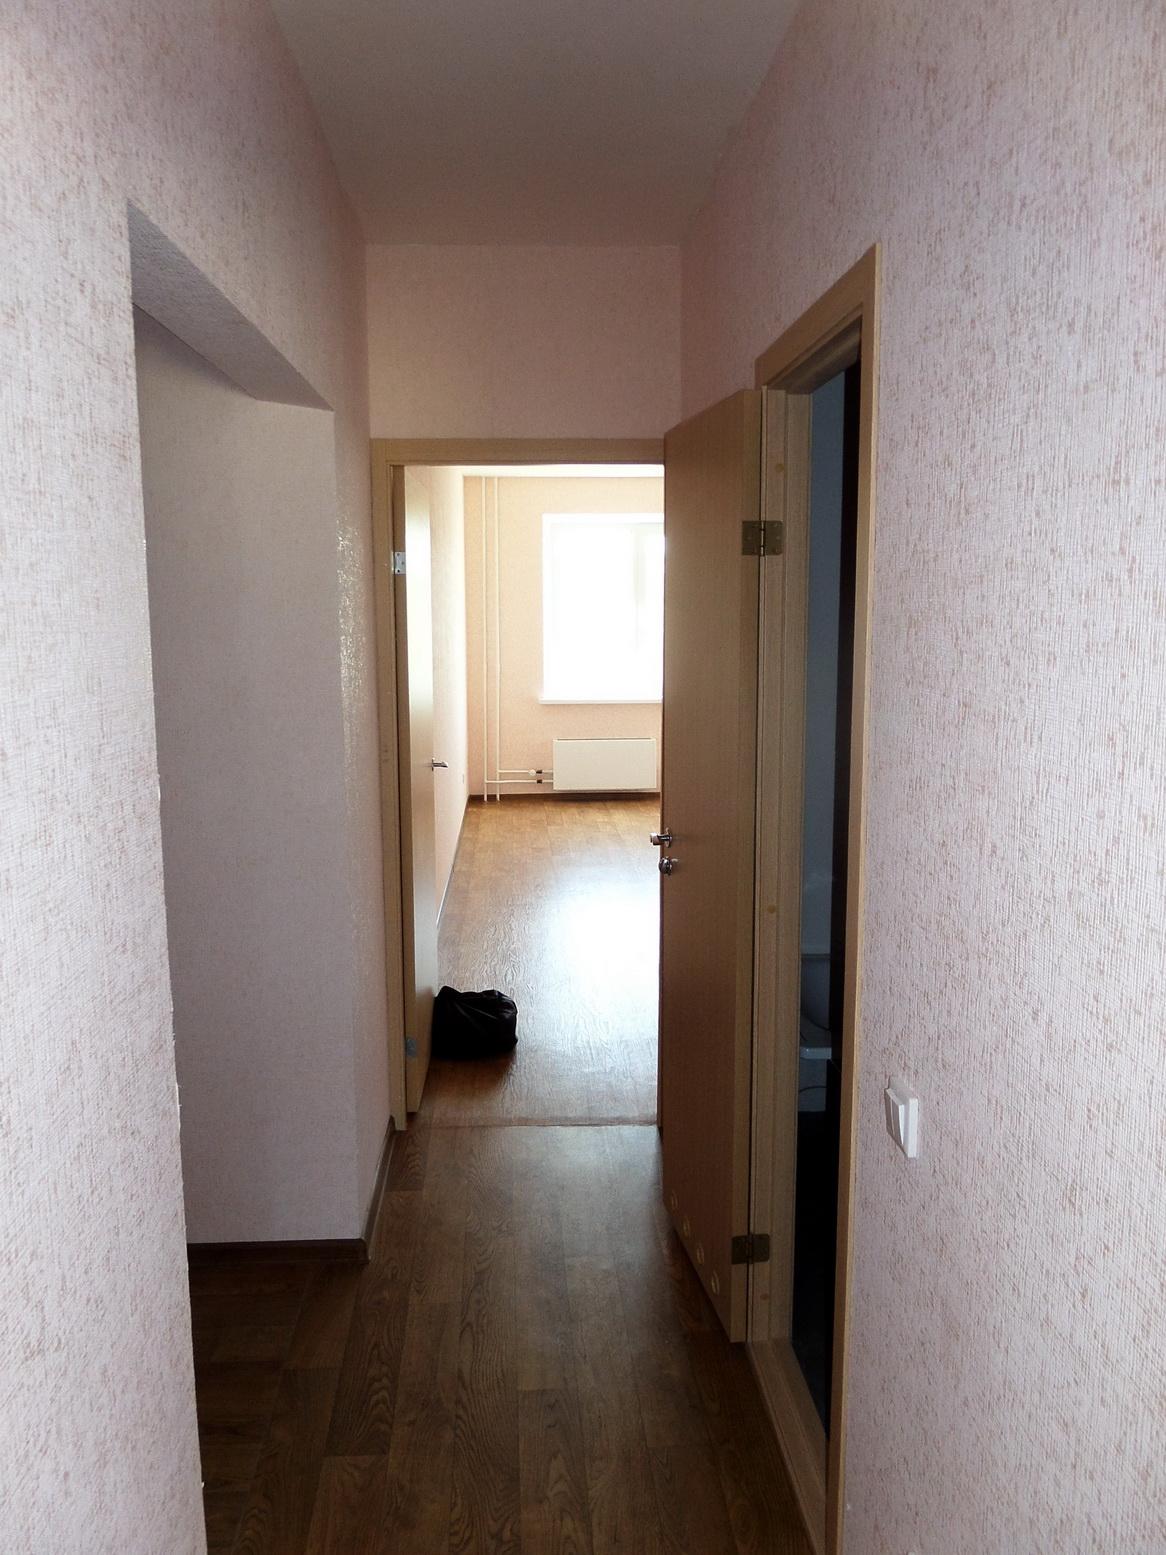 Ремонт квартир, офисов, домов